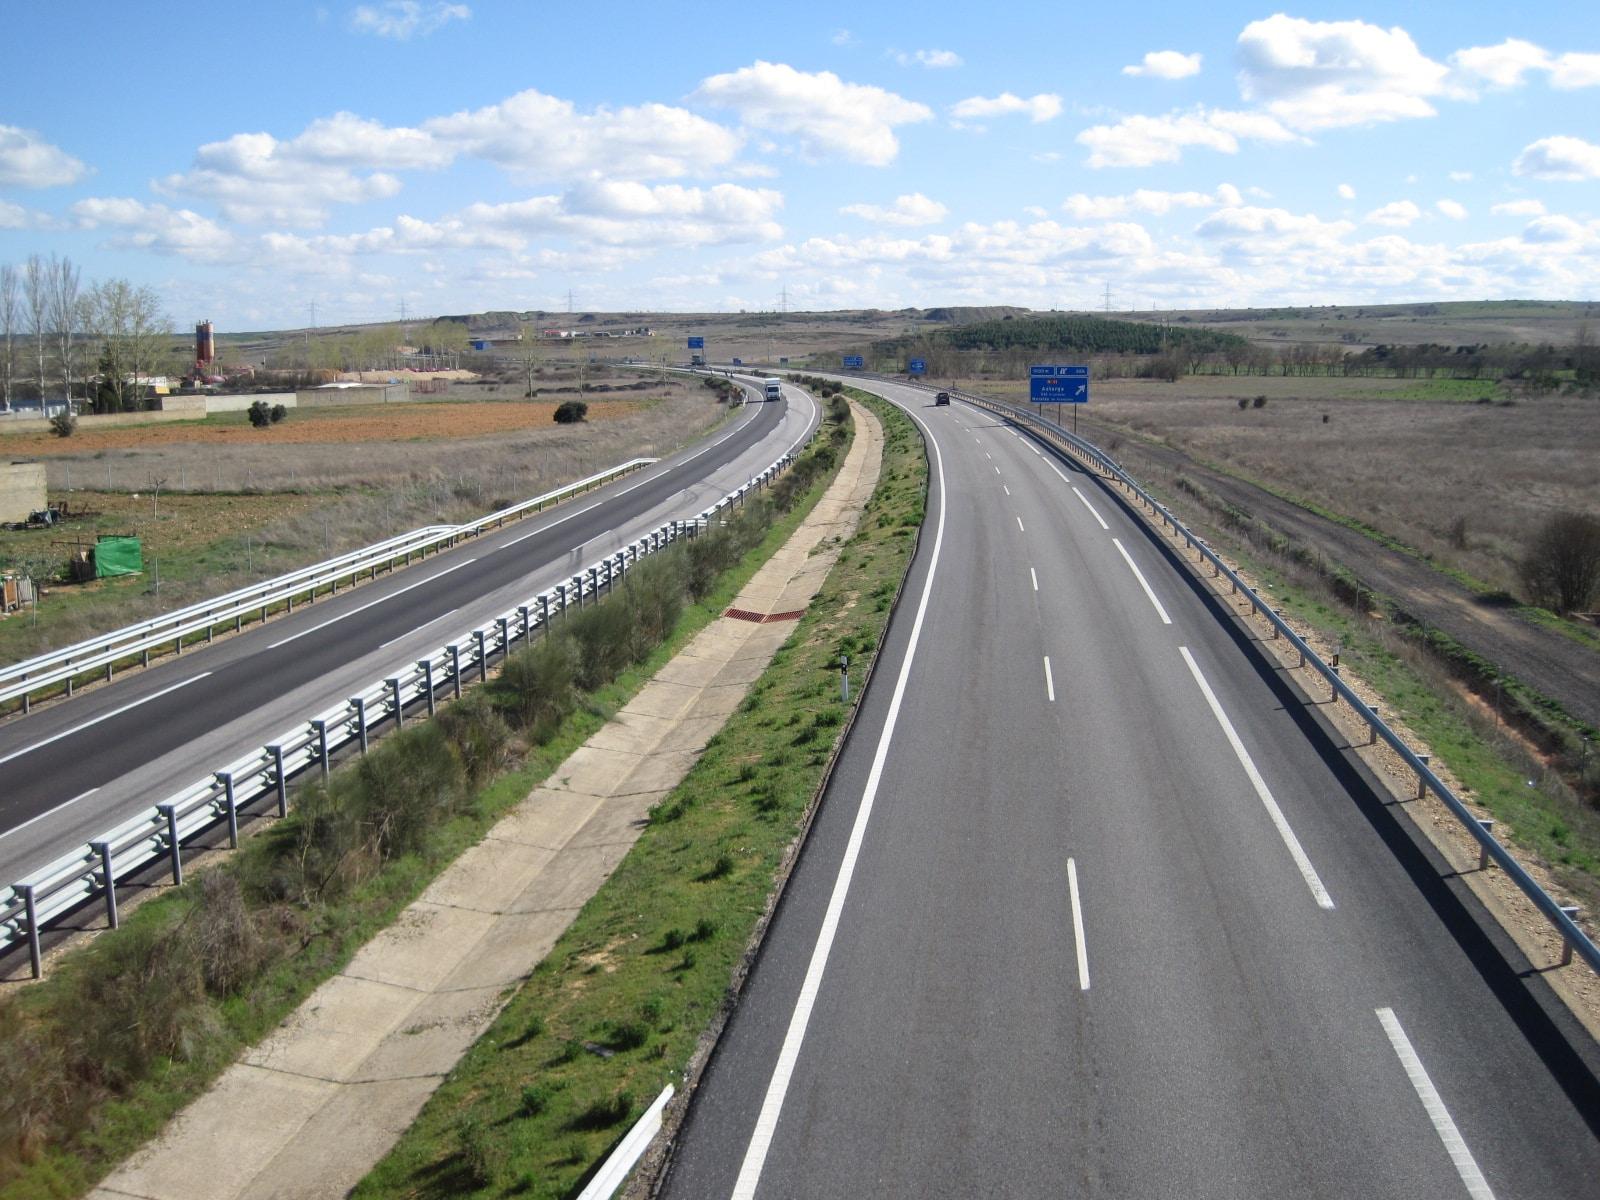 La Junta prorroga el confinamiento perimetral de Castilla y León para frenar el avance del coronavirus 1